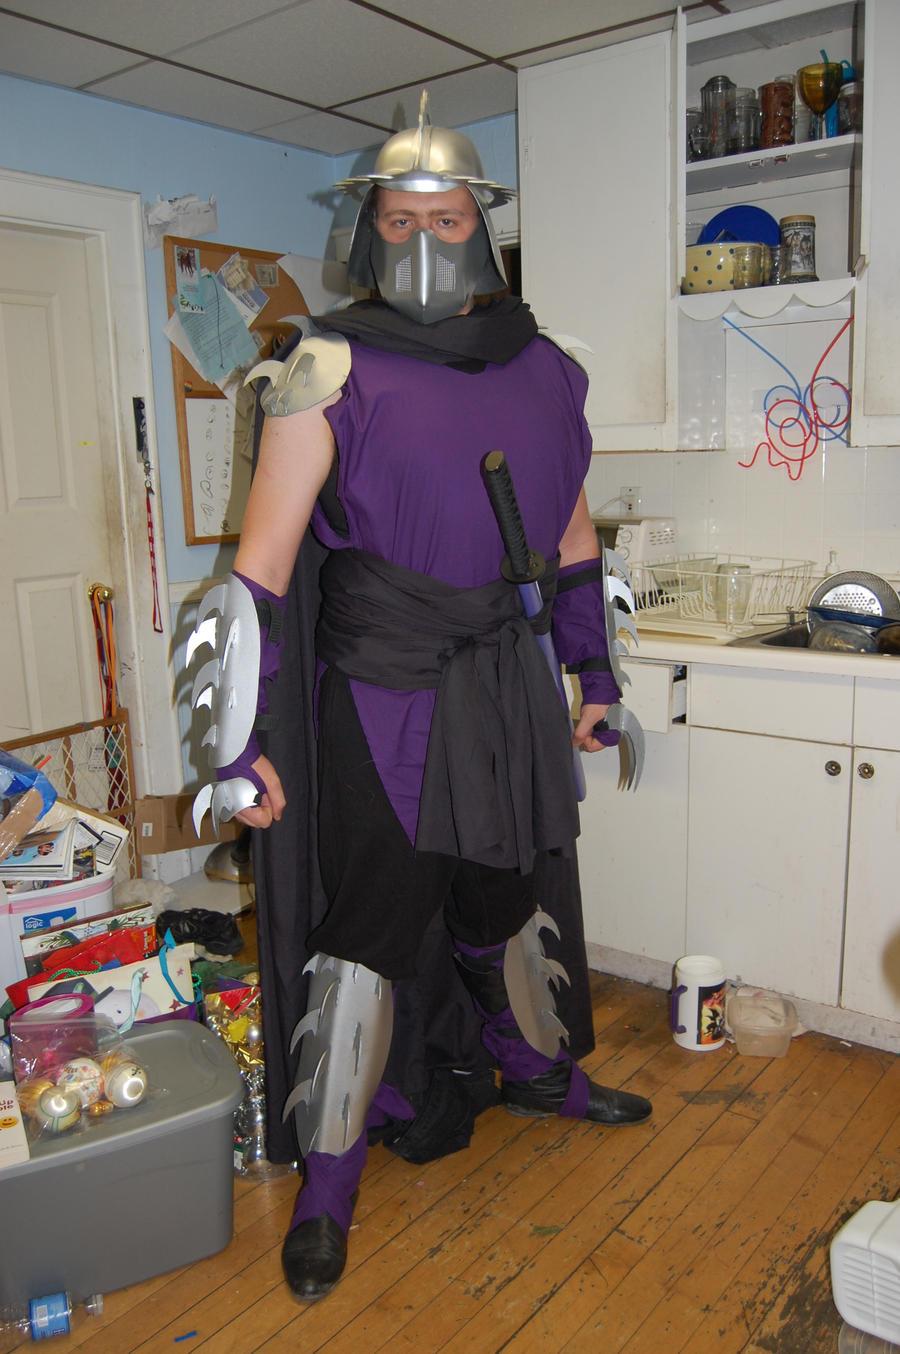 Shredder costume arisia 39 11 by captredjack on deviantart Which shredder should i buy